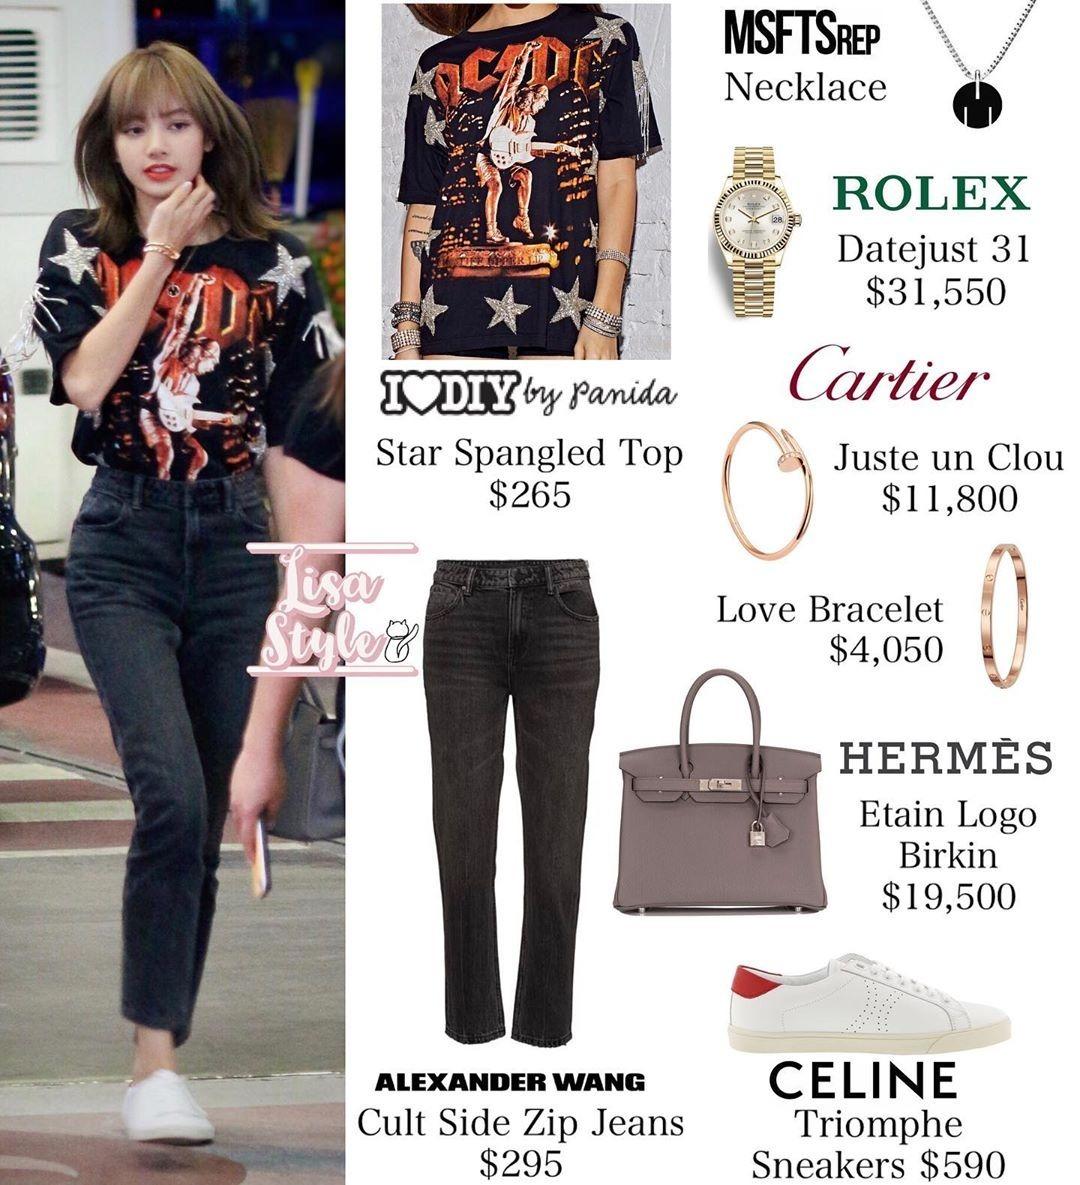 Mặc áo phông, quần jeans ra sân bay như sinh viên, ít ai nghĩ bộ trang sức đi kèm của người đẹp giá tới hơn 1 tỷ đồng, chưa kể chiếc túi Hermes gần 500 triệu đồng.